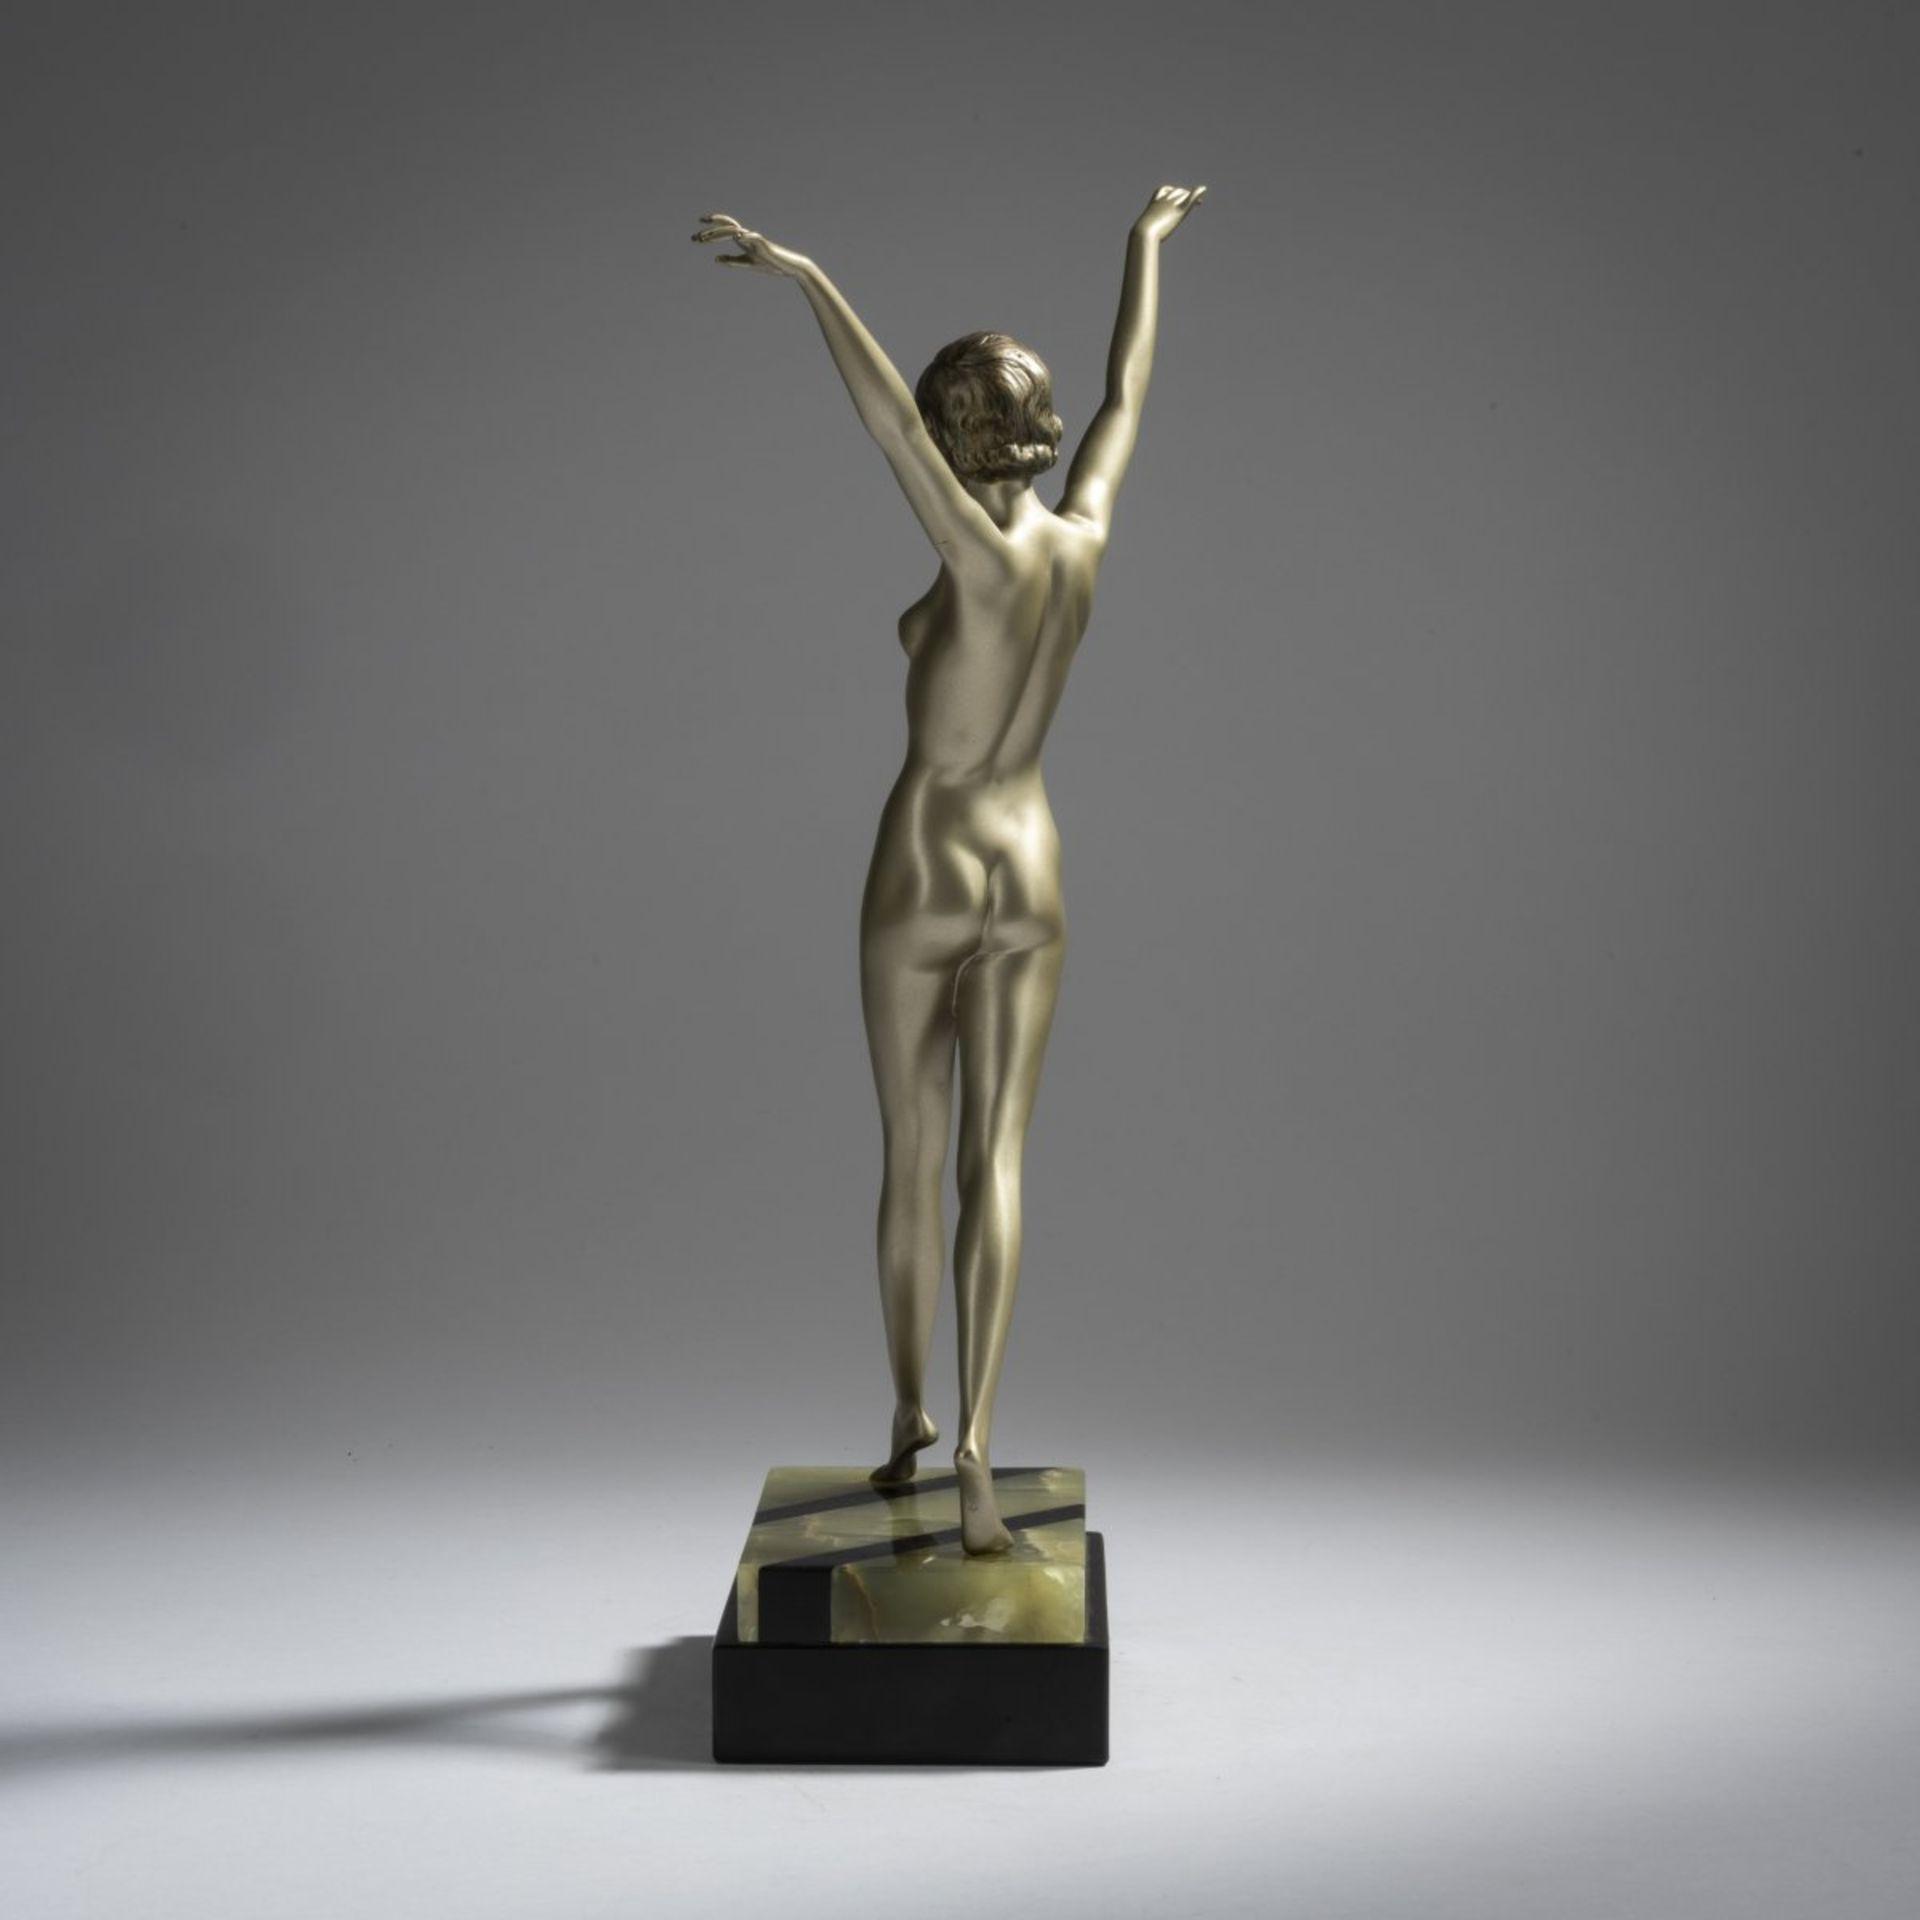 Ferdinand Preiss, Tänzerin, um 1930 - Bild 7 aus 9